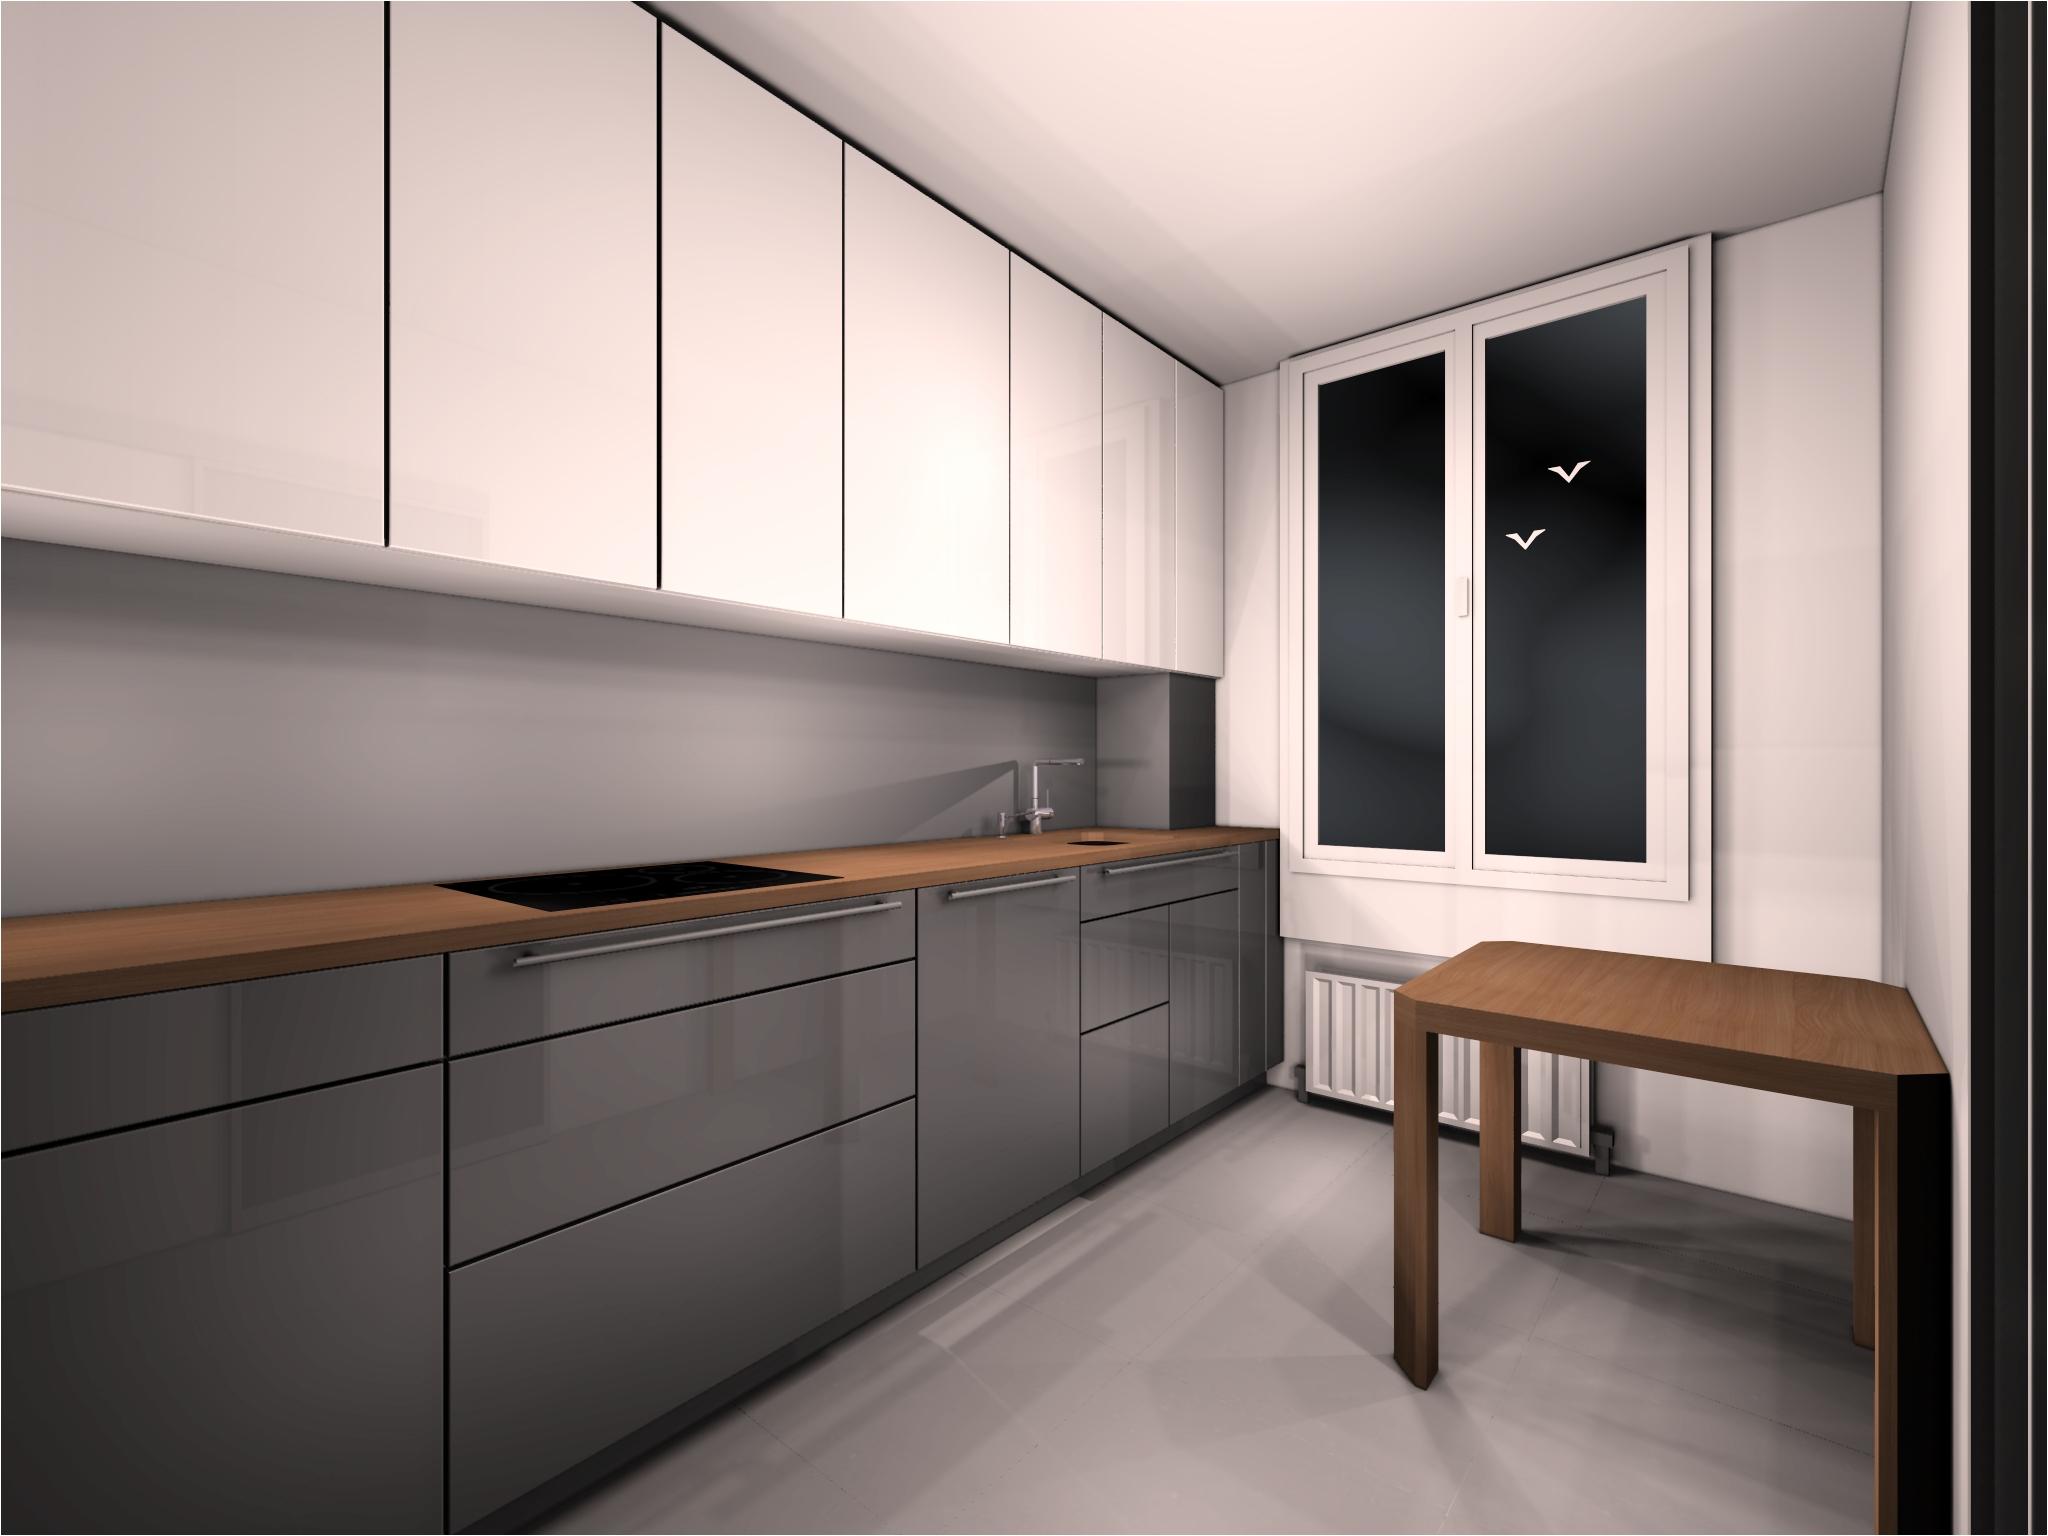 ile de france flip design boisflip design bois. Black Bedroom Furniture Sets. Home Design Ideas